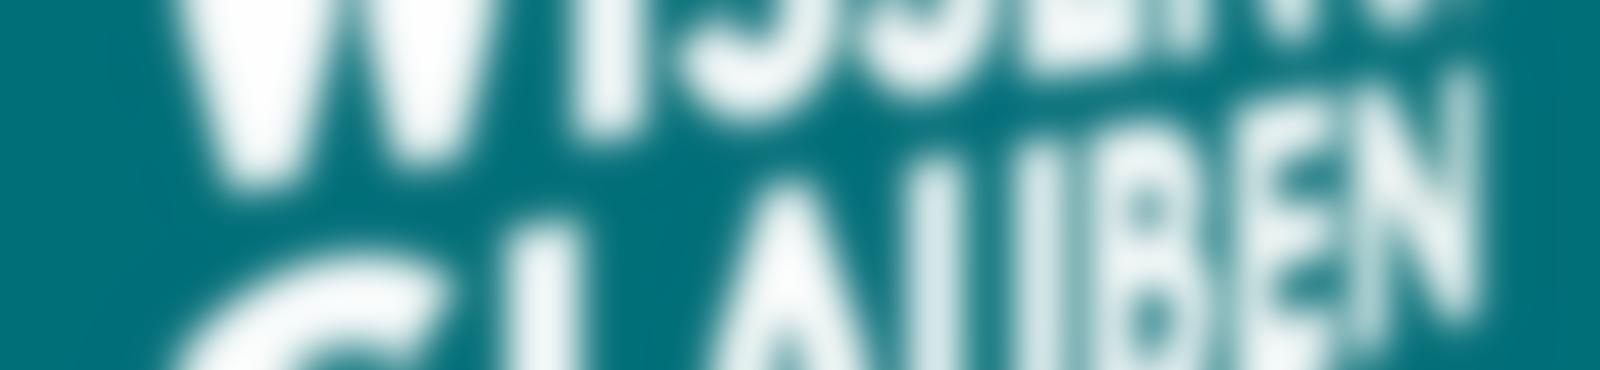 Blurred b657eca3 e9f1 4621 8c86 5398bc02ab54